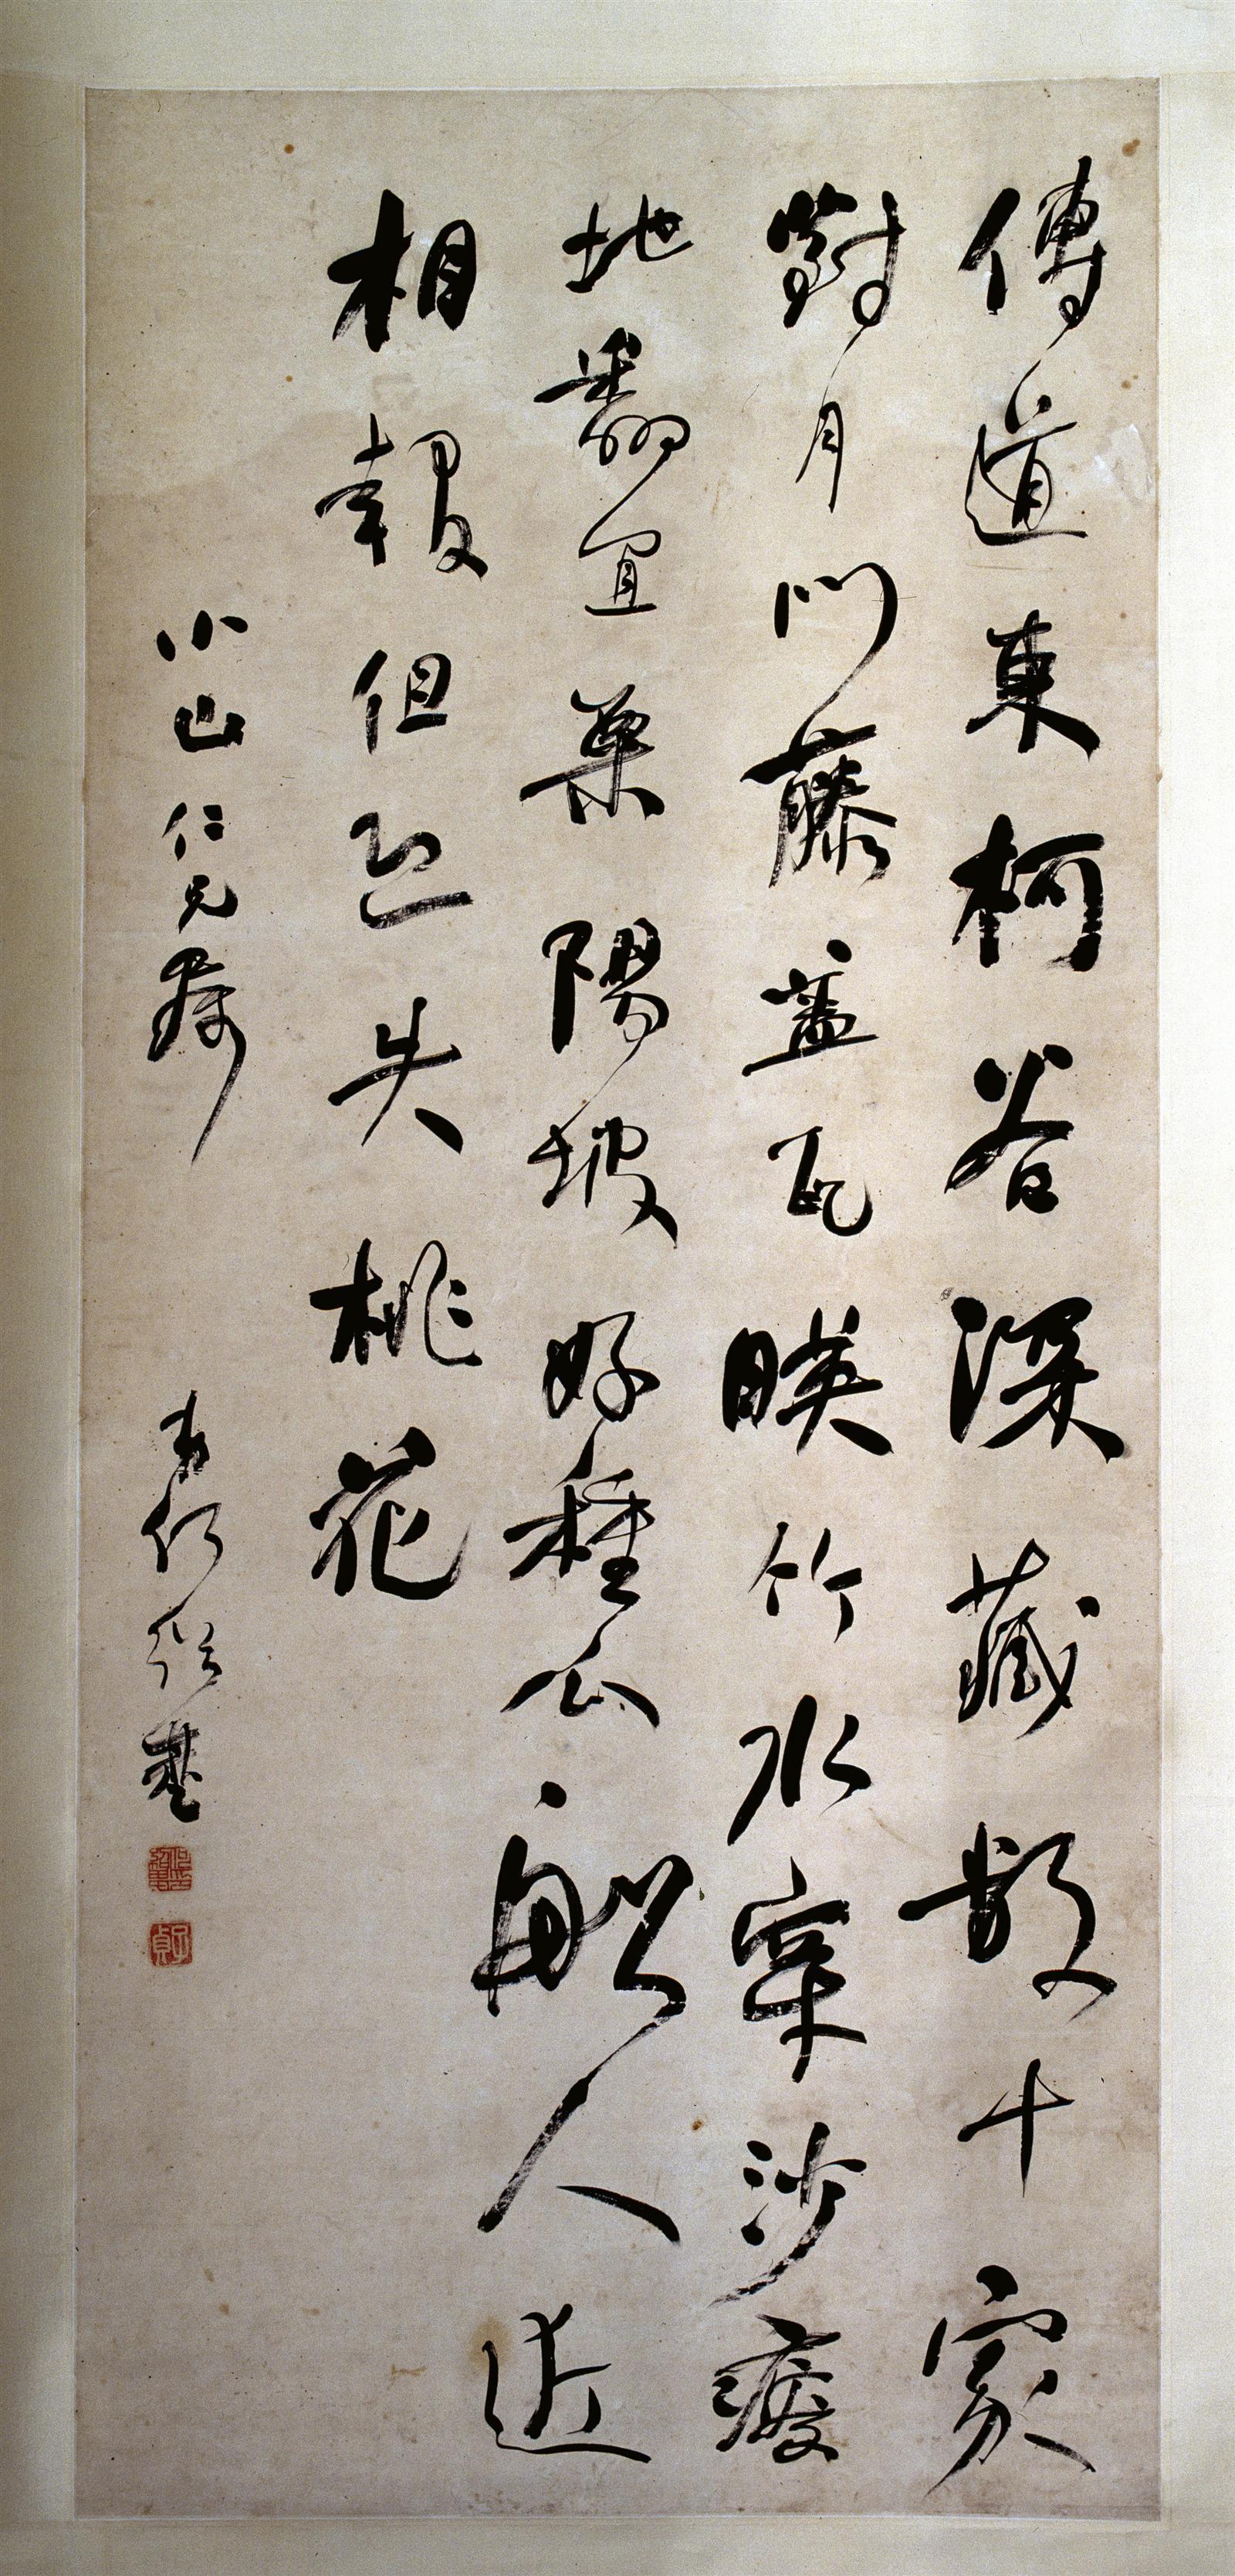 何绍基行书杜甫《秦州杂诗二十首》节选轴